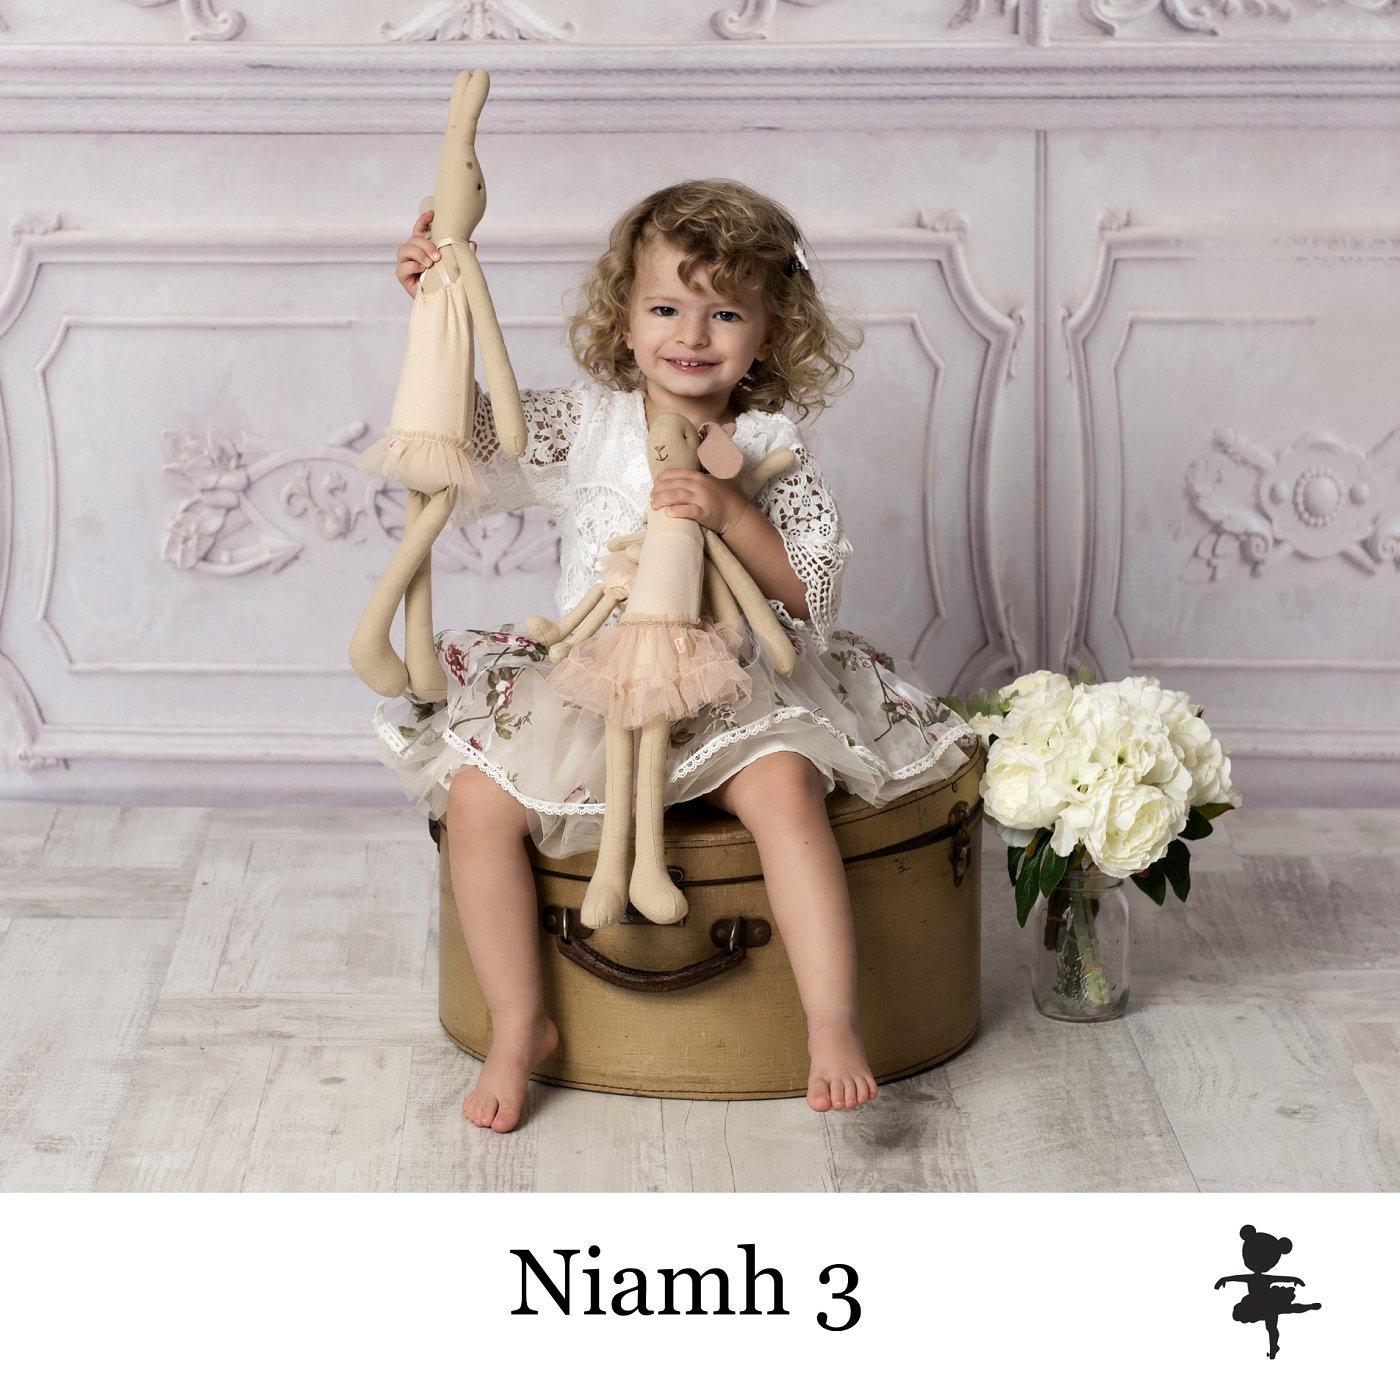 LB5619- Niamh 3.jpg